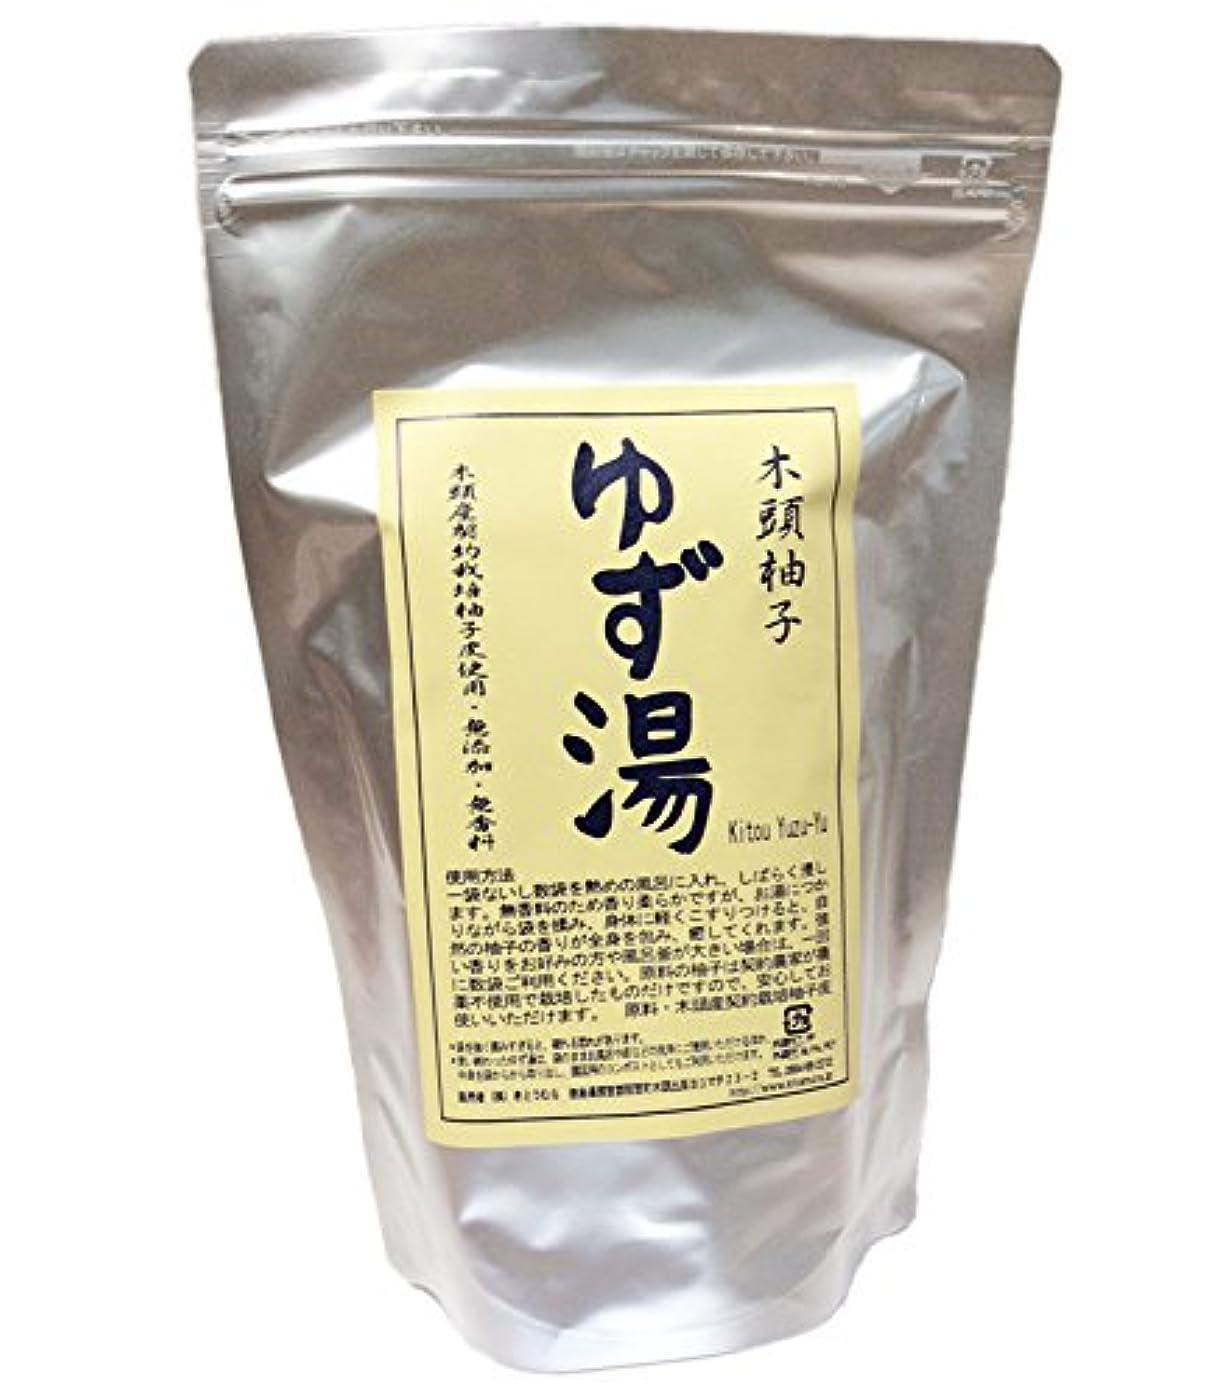 銀河露出度の高いにはまってきとうむら オーガニック 木頭柚子ゆず湯 (徳用) 30g×15パック入